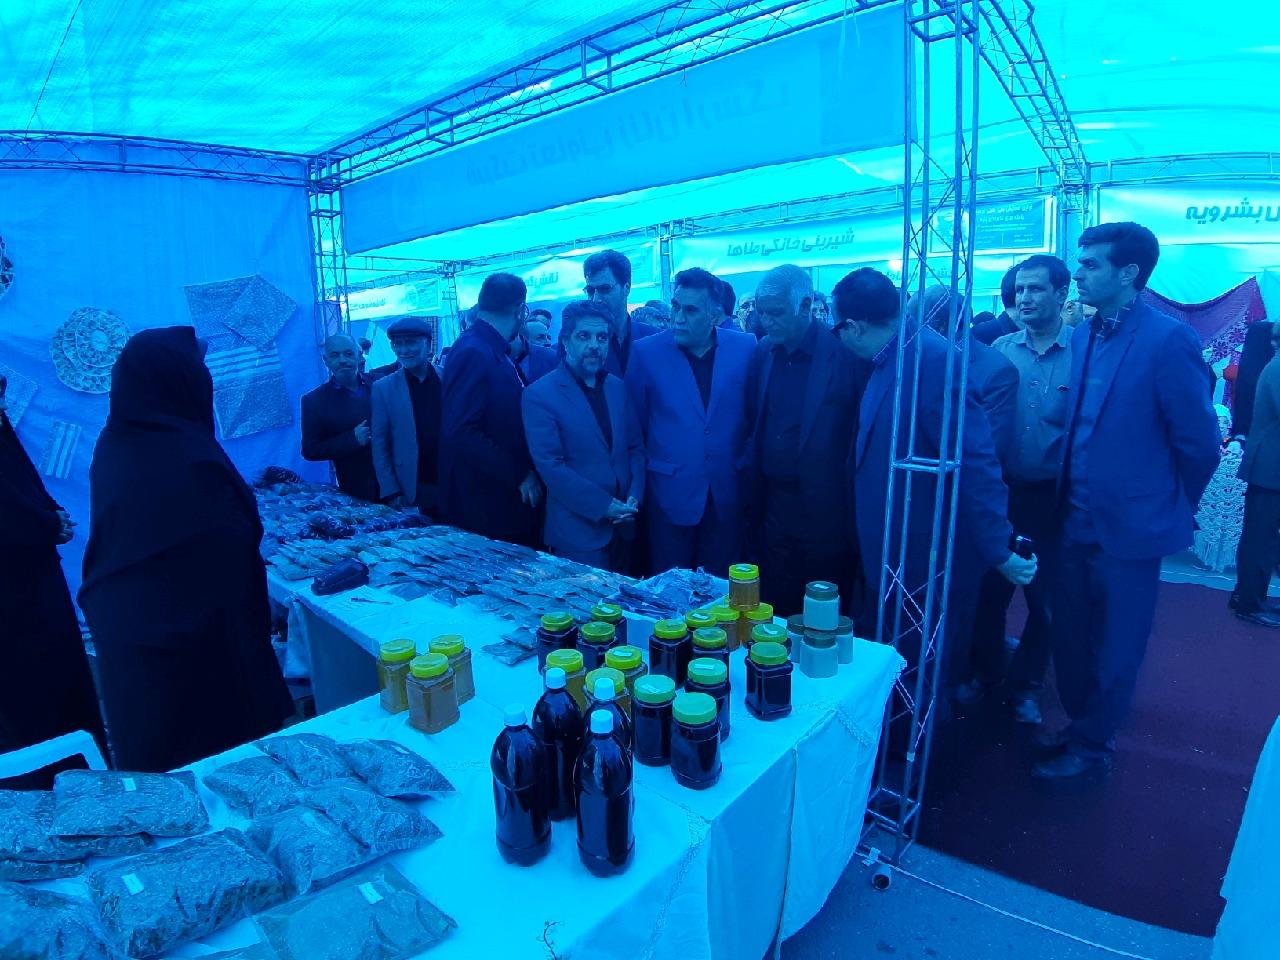 برپایی نمایشگاه محصولات پنبه در همایش ملی